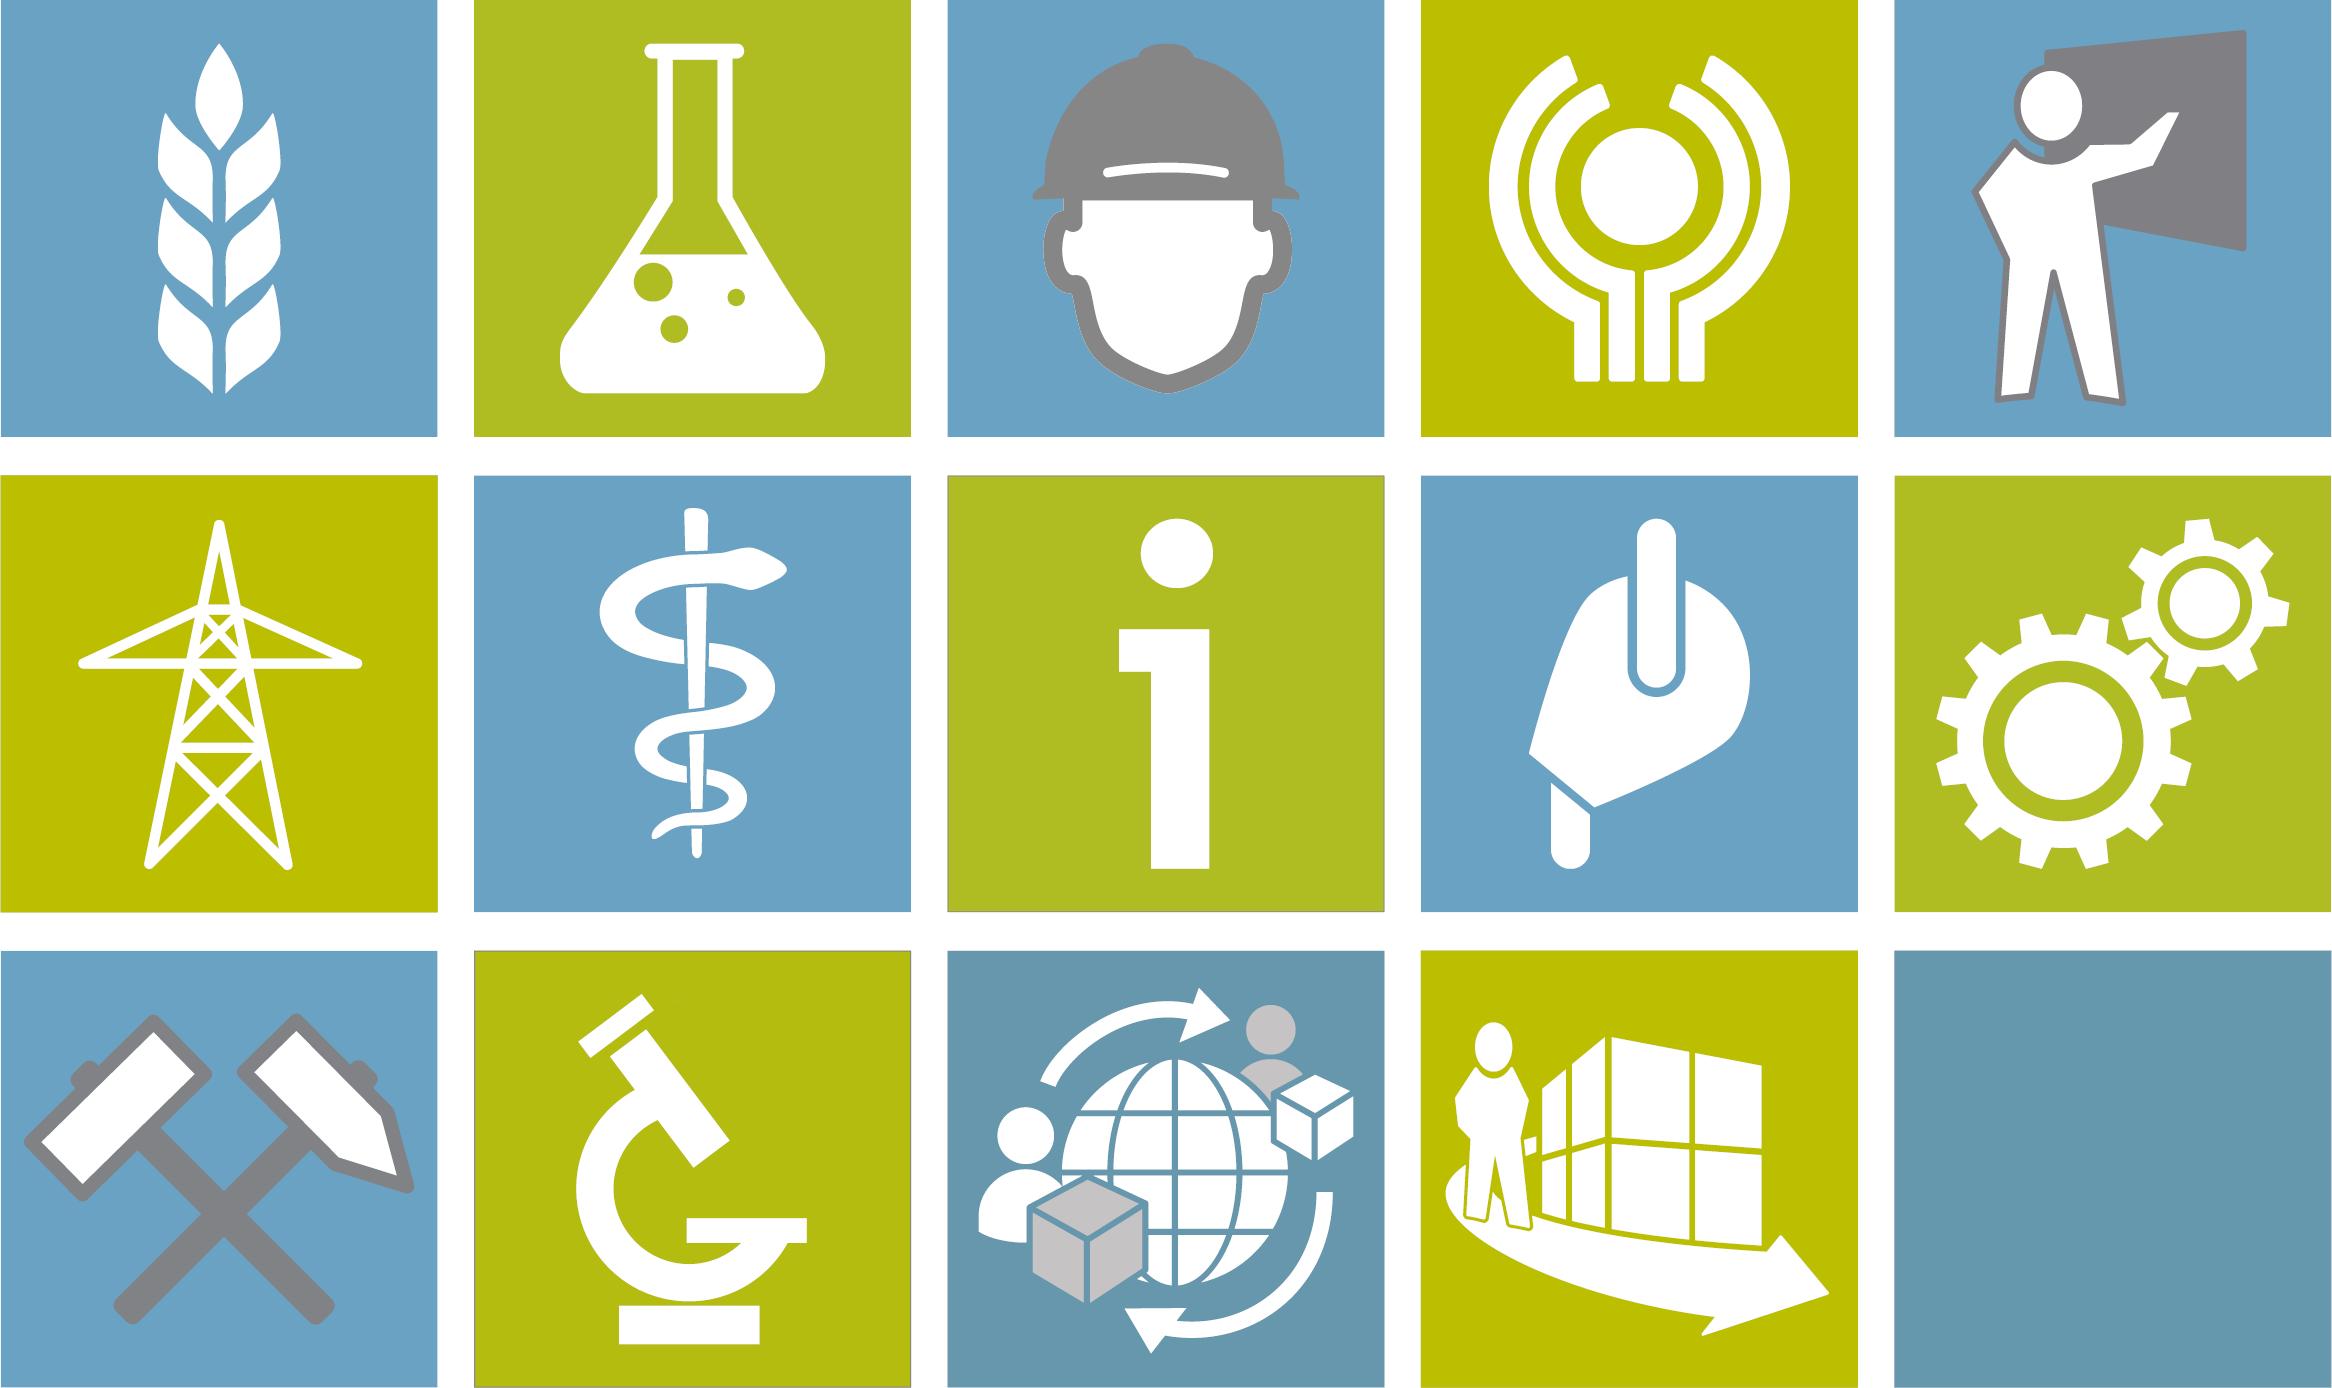 Pictogramas das 14 seções internacionais de prevenção